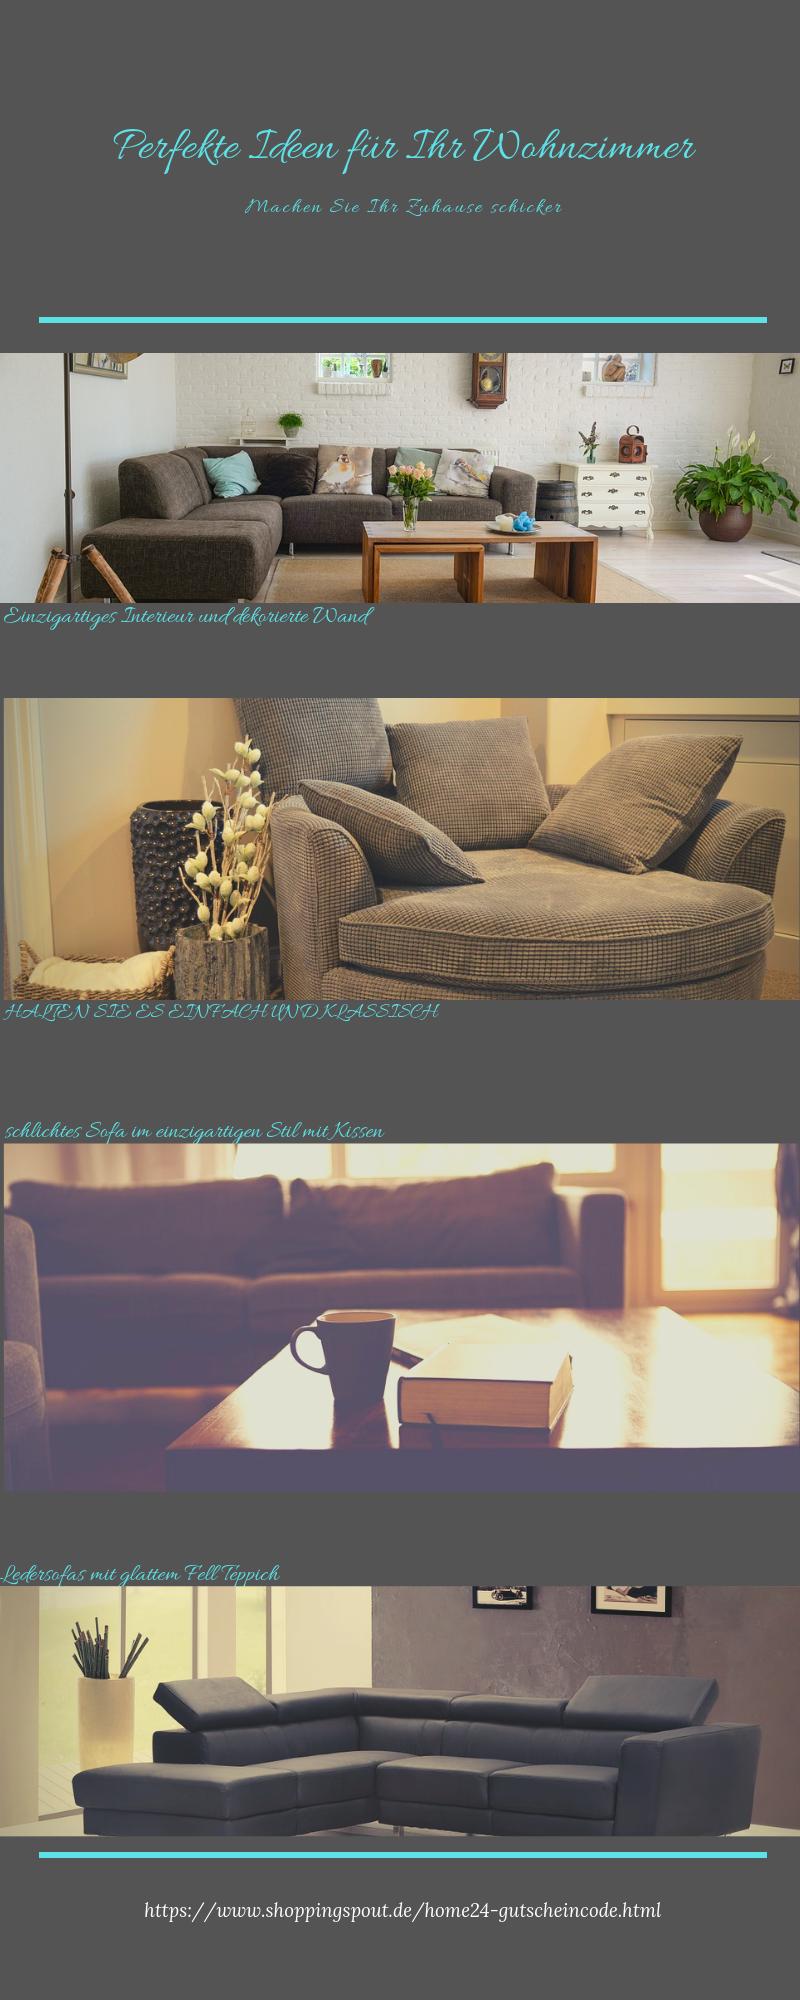 Holen Sie Sich Einige Tipps Und Ideen Für Ihr Zuhause Und